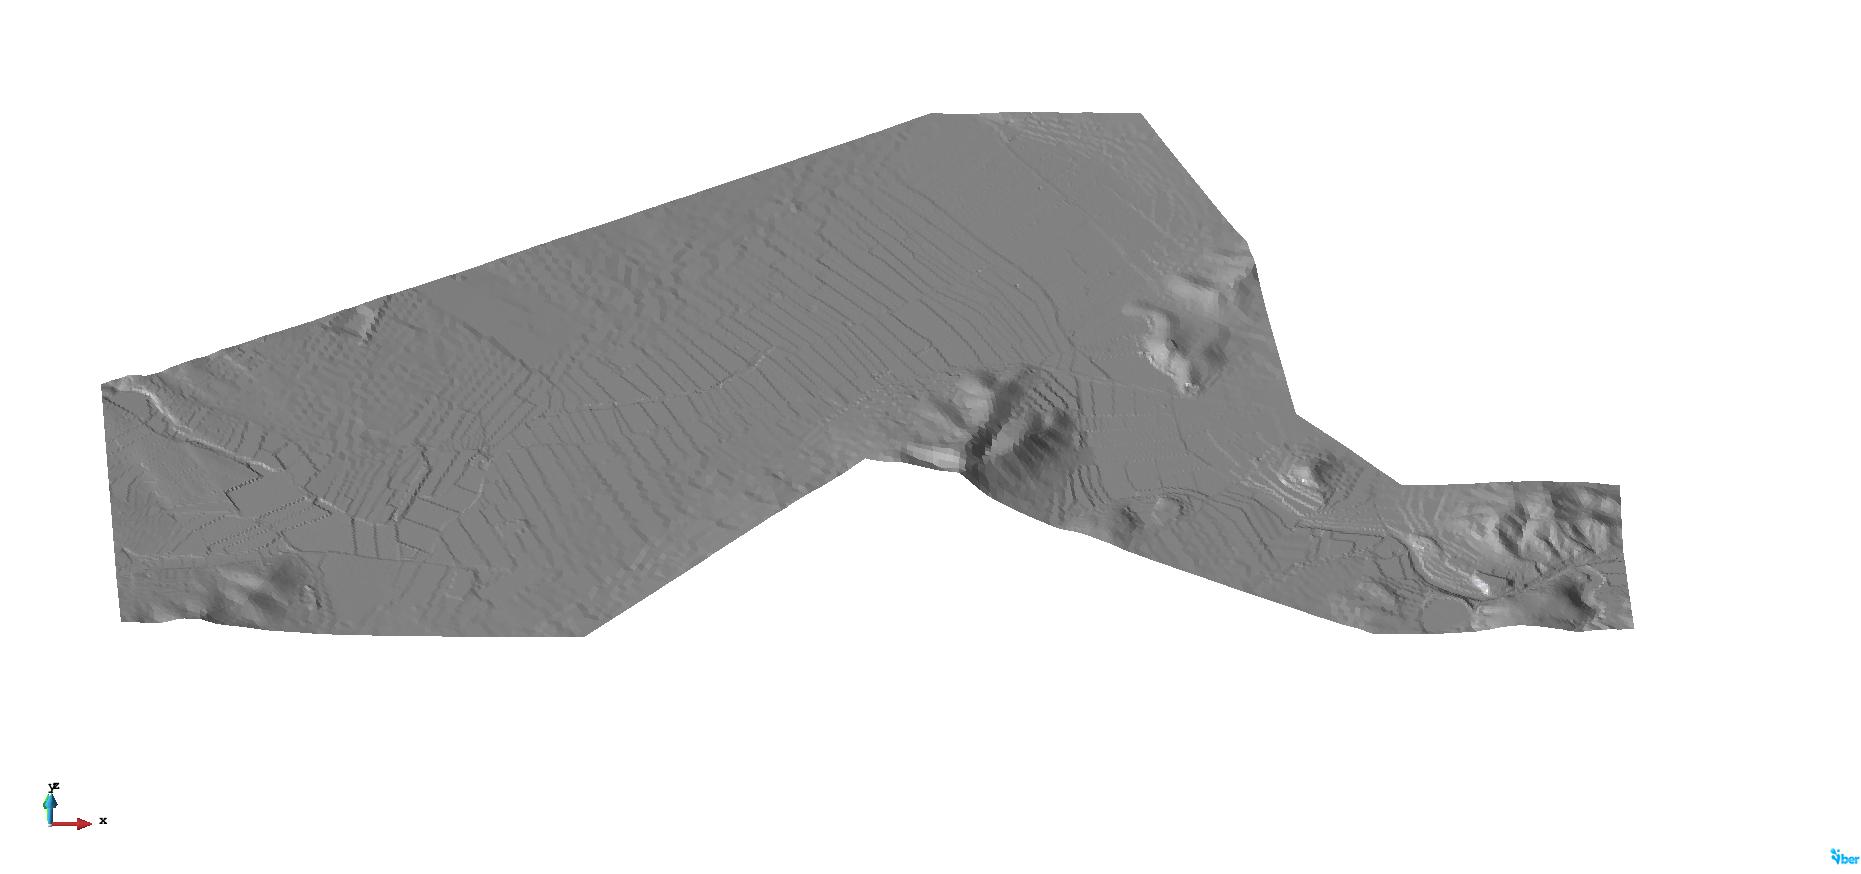 Geometria-del-modelo-hidraulico